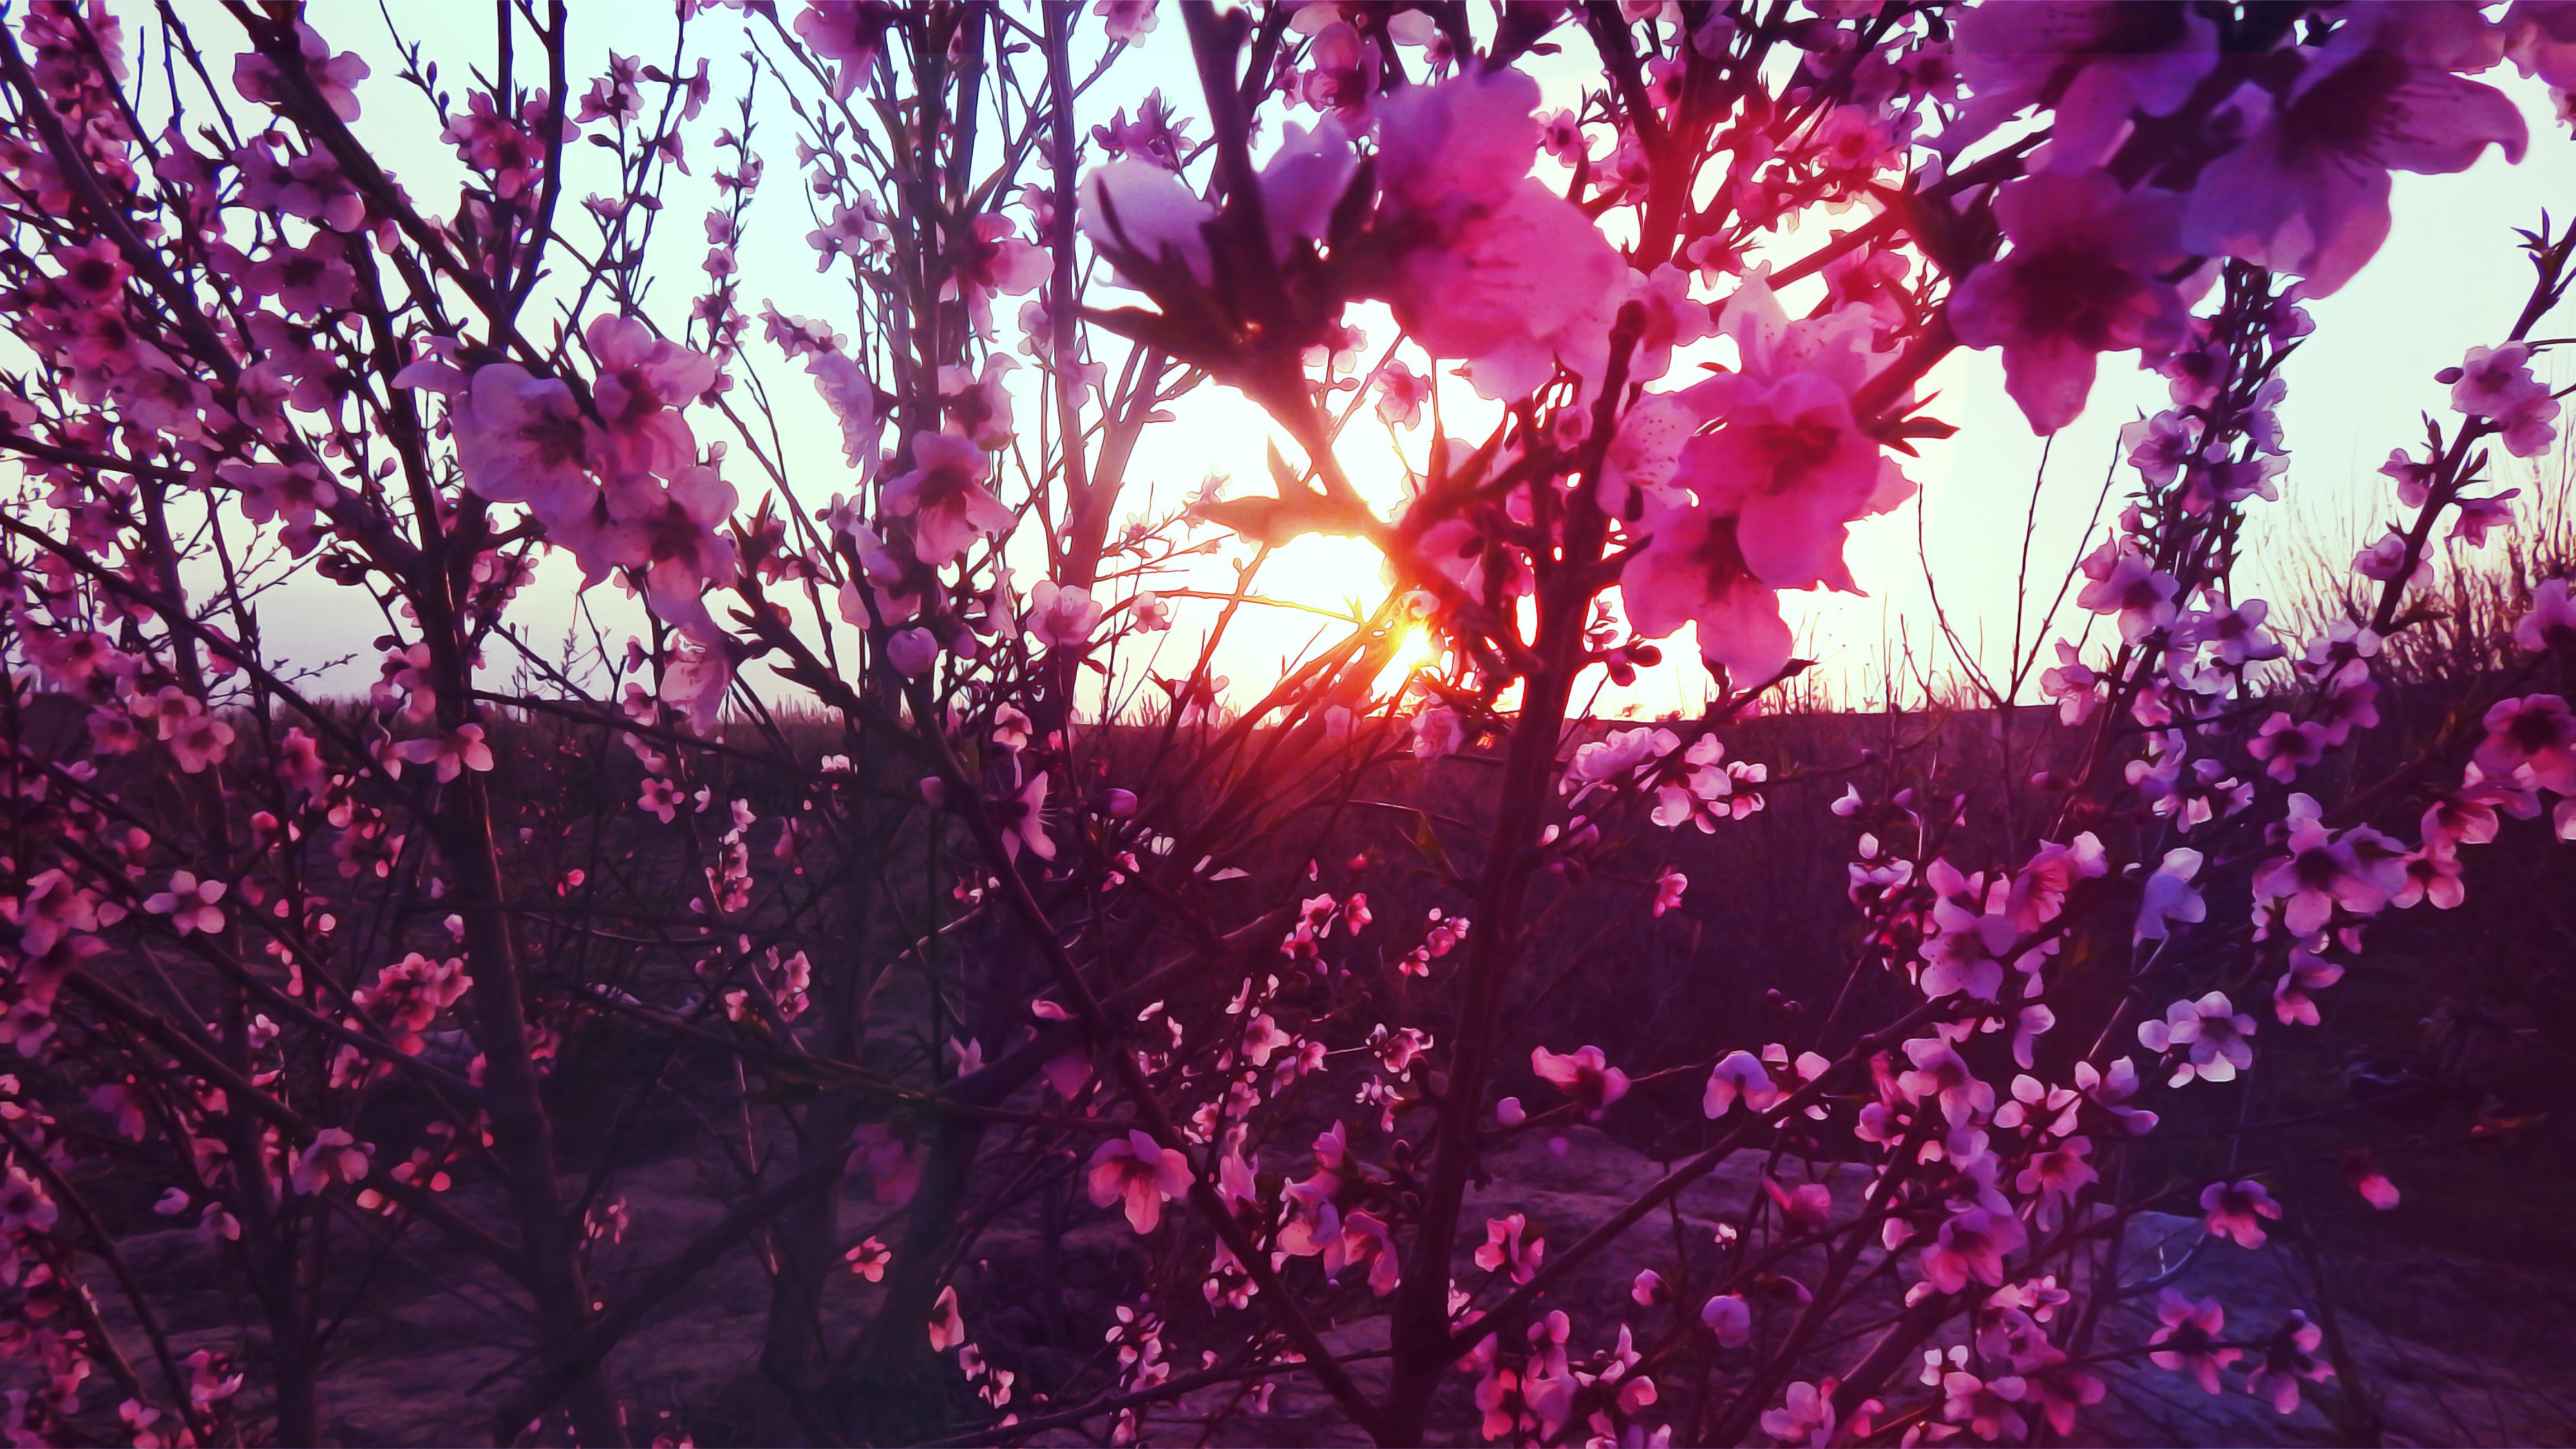 Gambar Pohon Cabang Mekar Menanam Sinar Matahari Ungu Daun Bunga Warna Musim Gugur